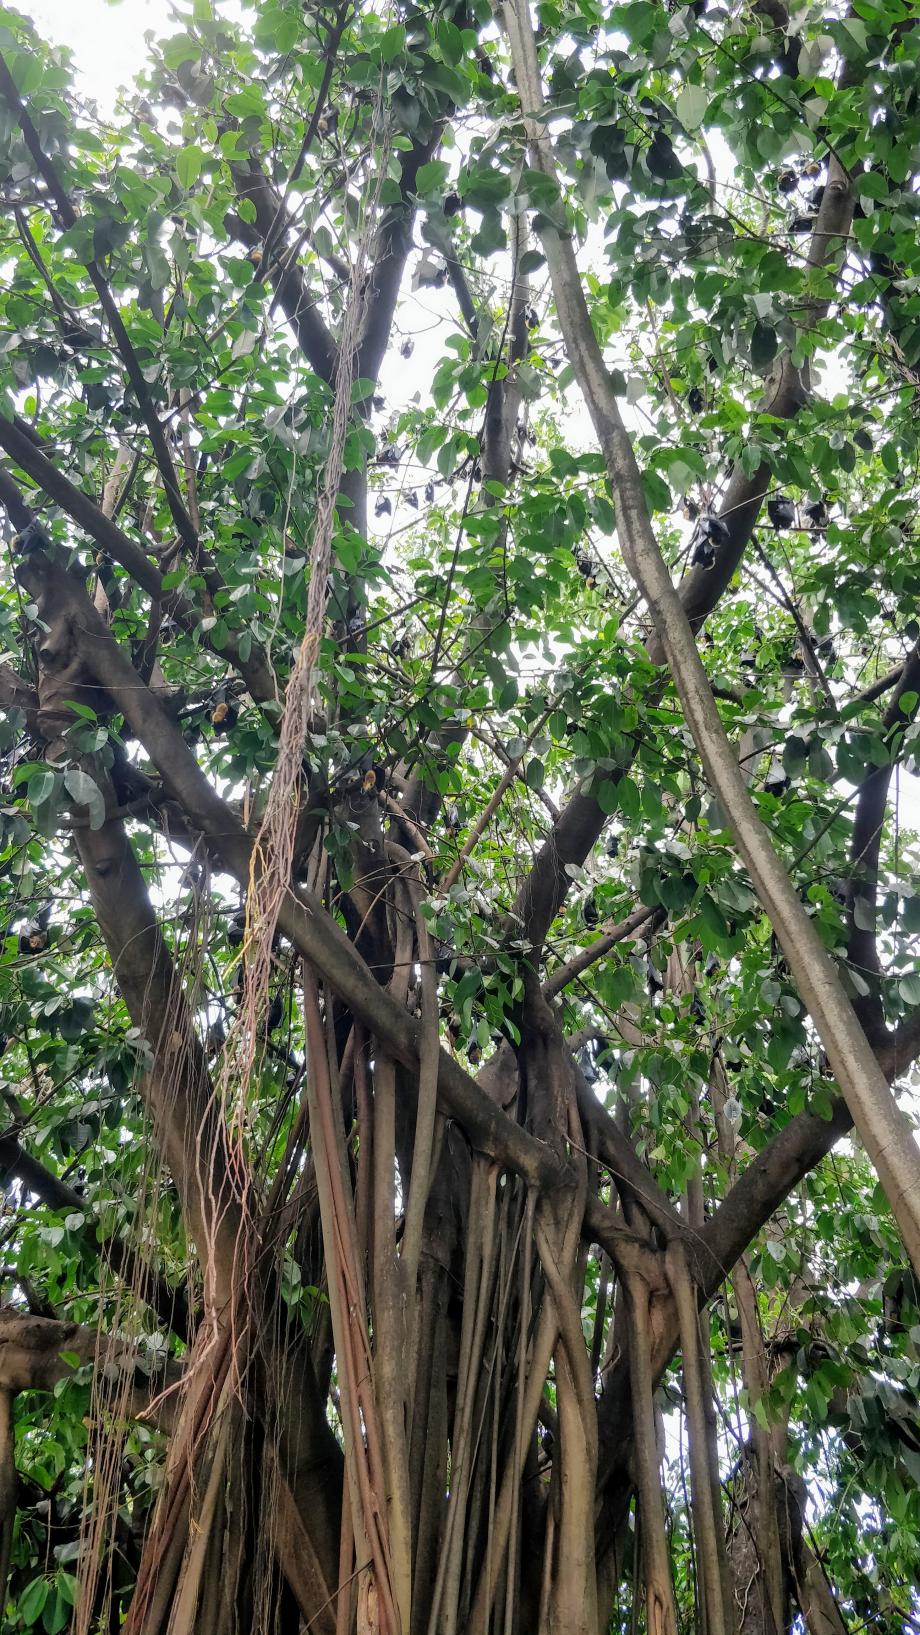 On les distingue, masses noires pendues au branches.